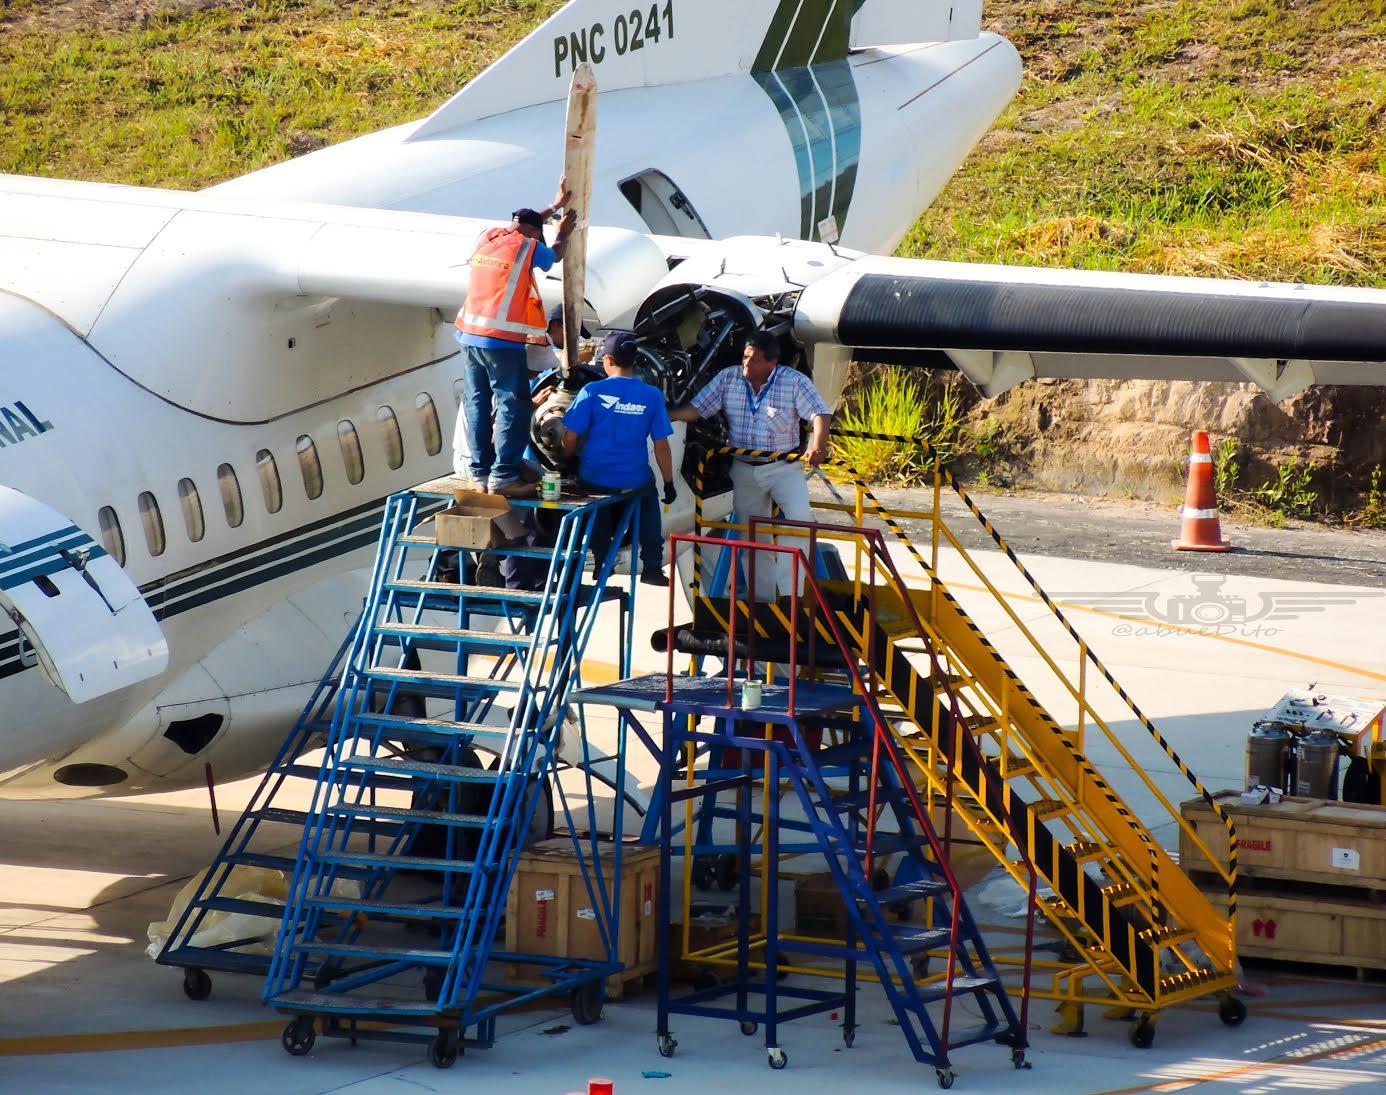 ATR Mobile repair team